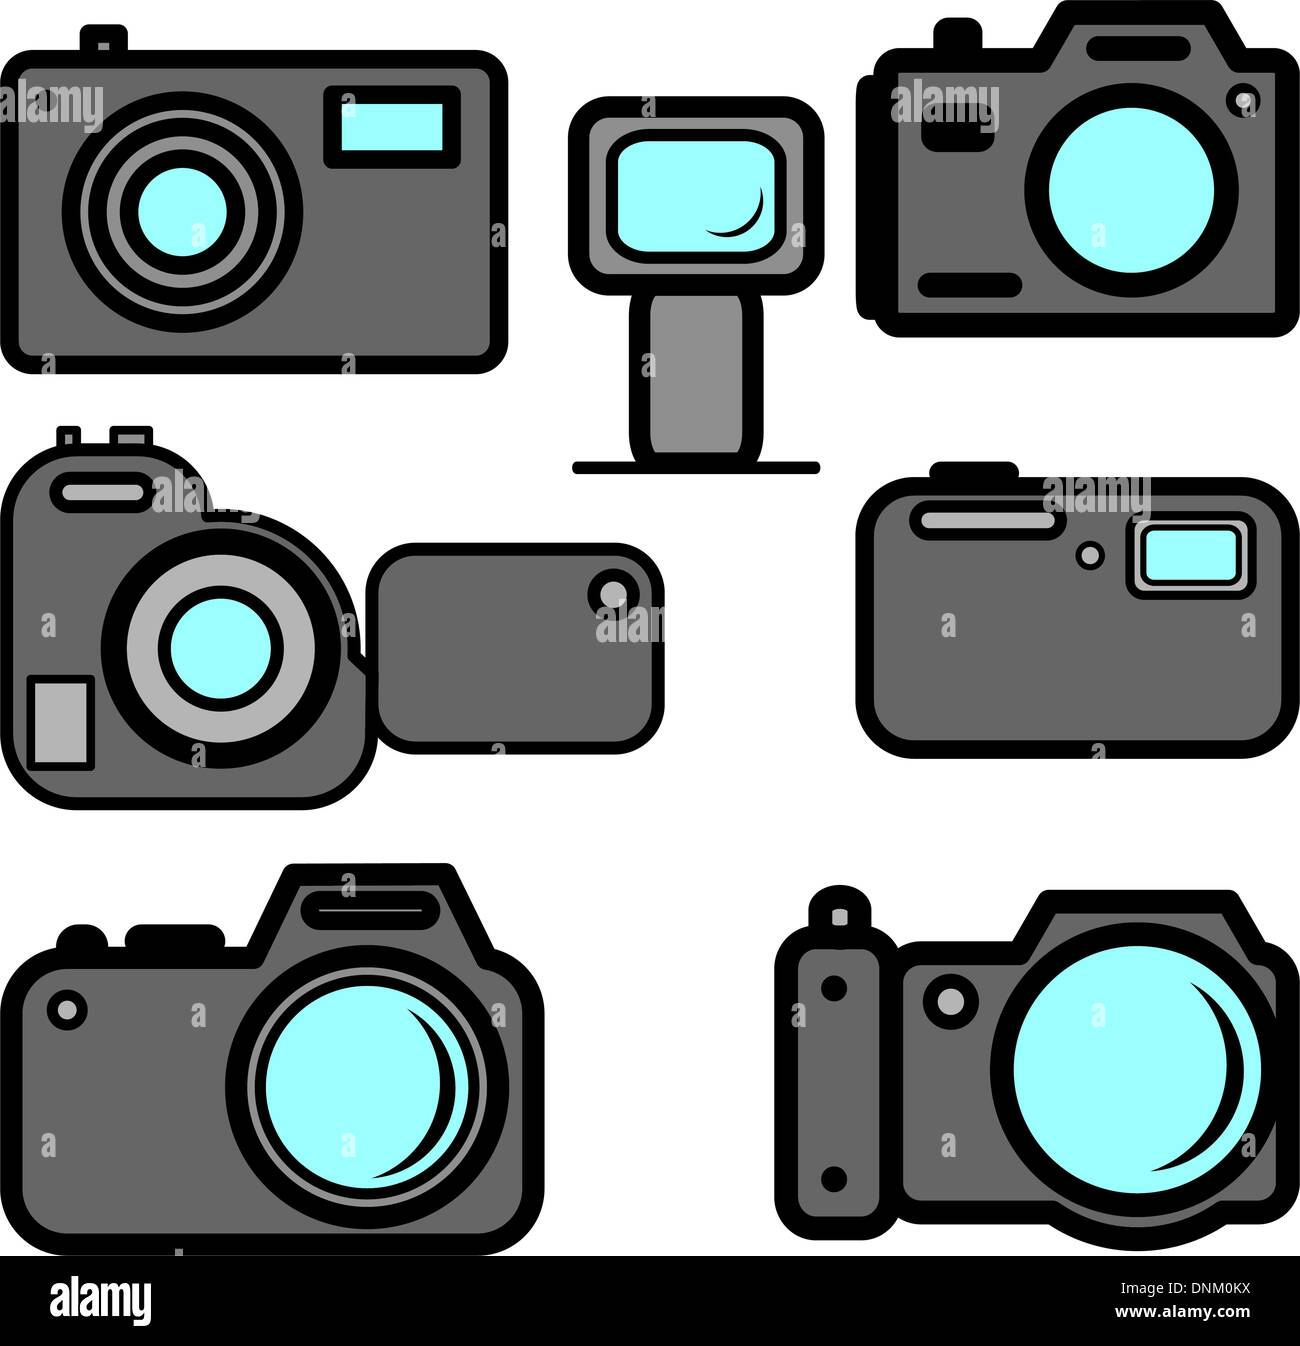 Un ensemble d'appareils photo numériques Photo Stock